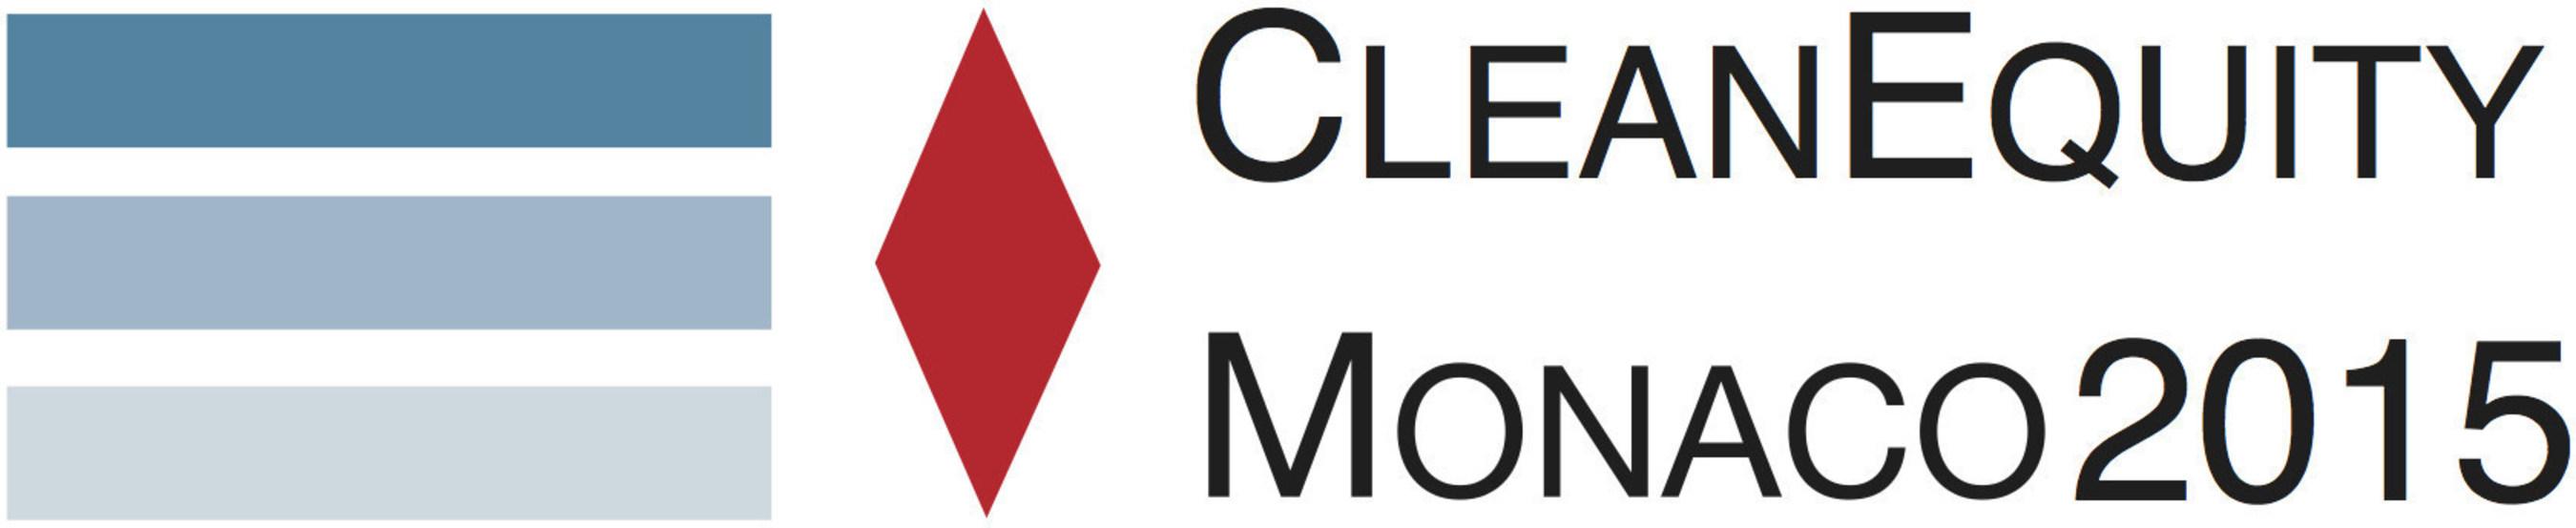 CleanEquity® Monaco 2015 - Bekanntgabe von Kooperationen und Unternehmen